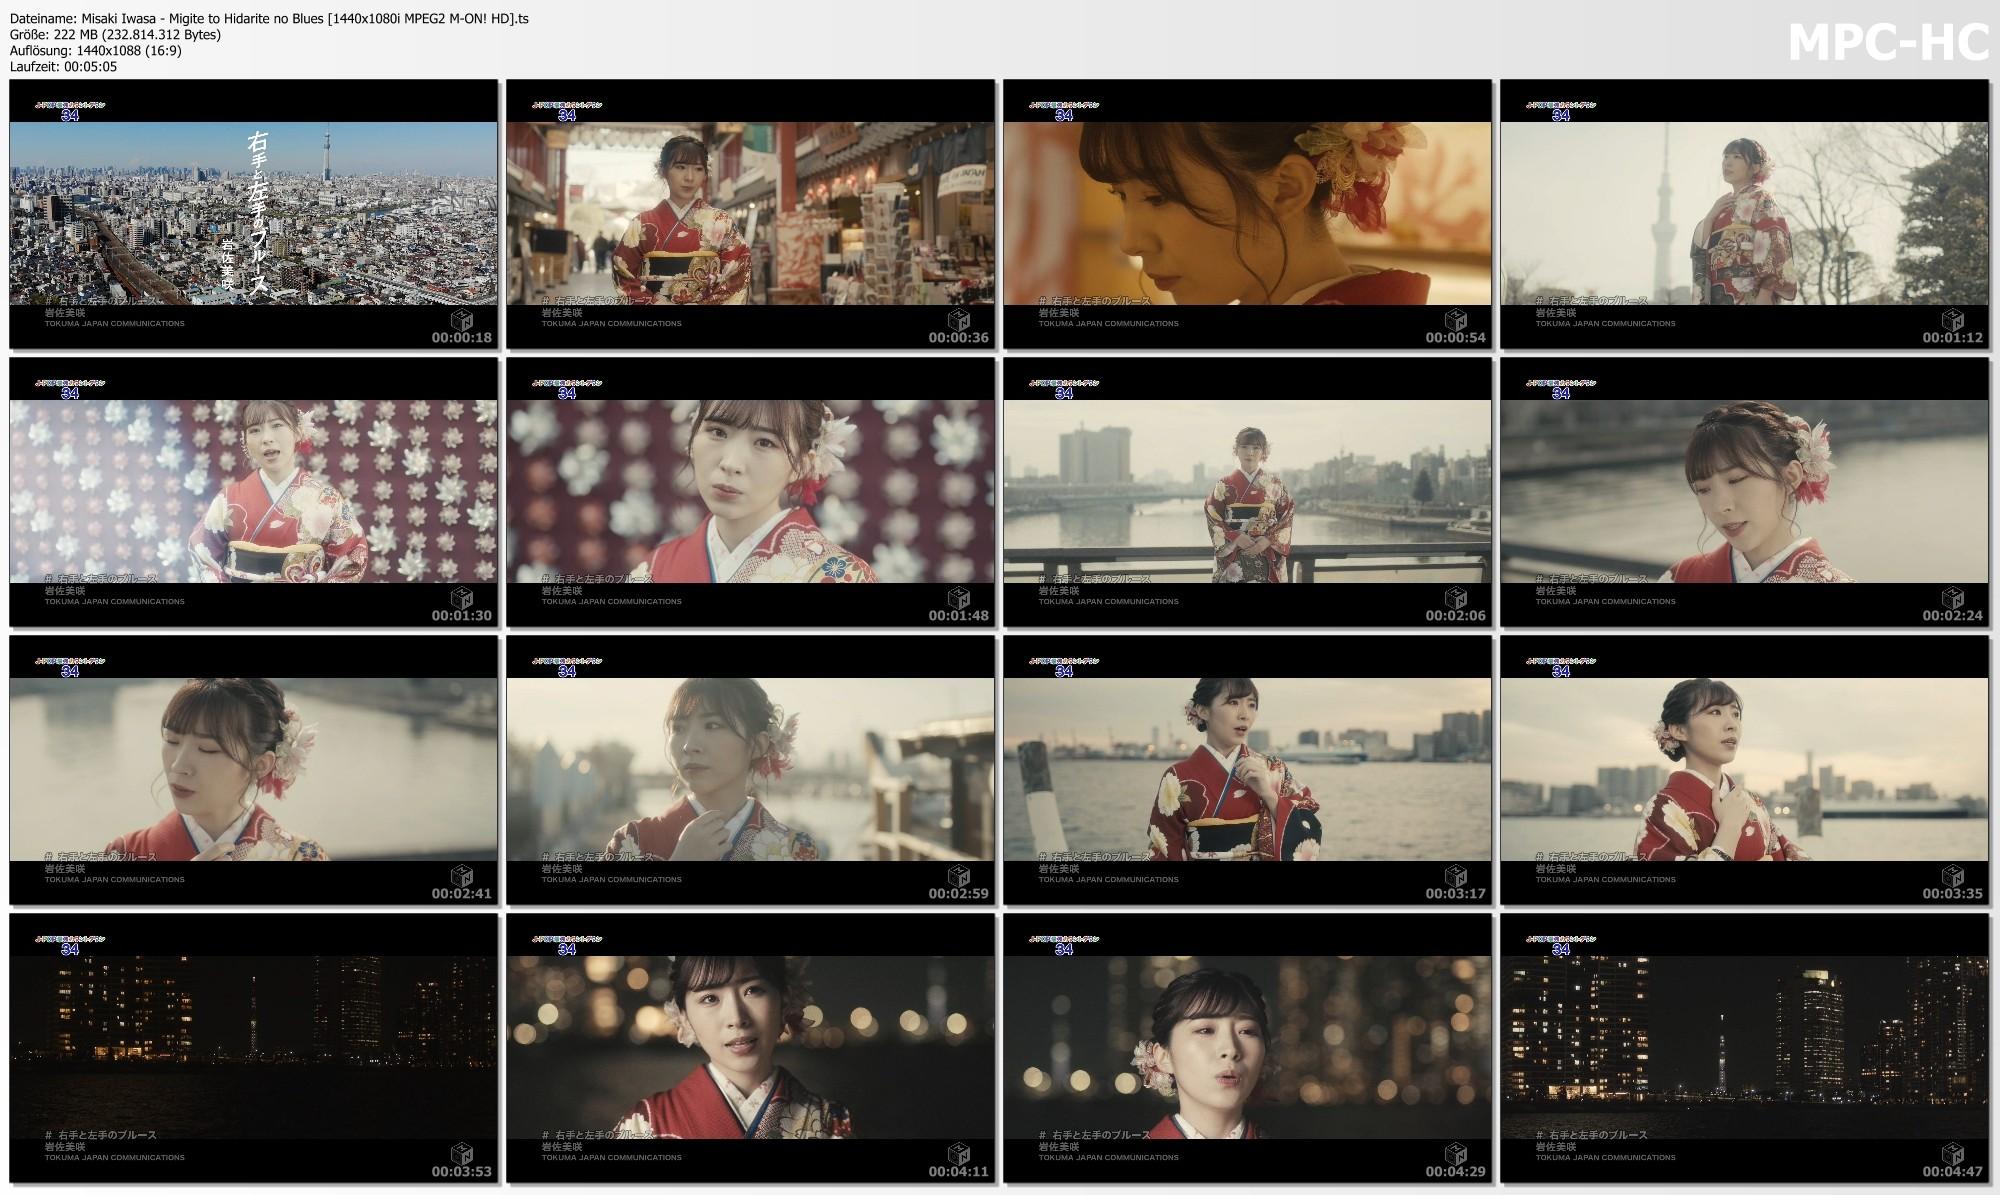 岩佐美咲 (Misaki Iwasa) – 右手と左手のブルース [MPEG2 / HDTV] [2020.10.21]